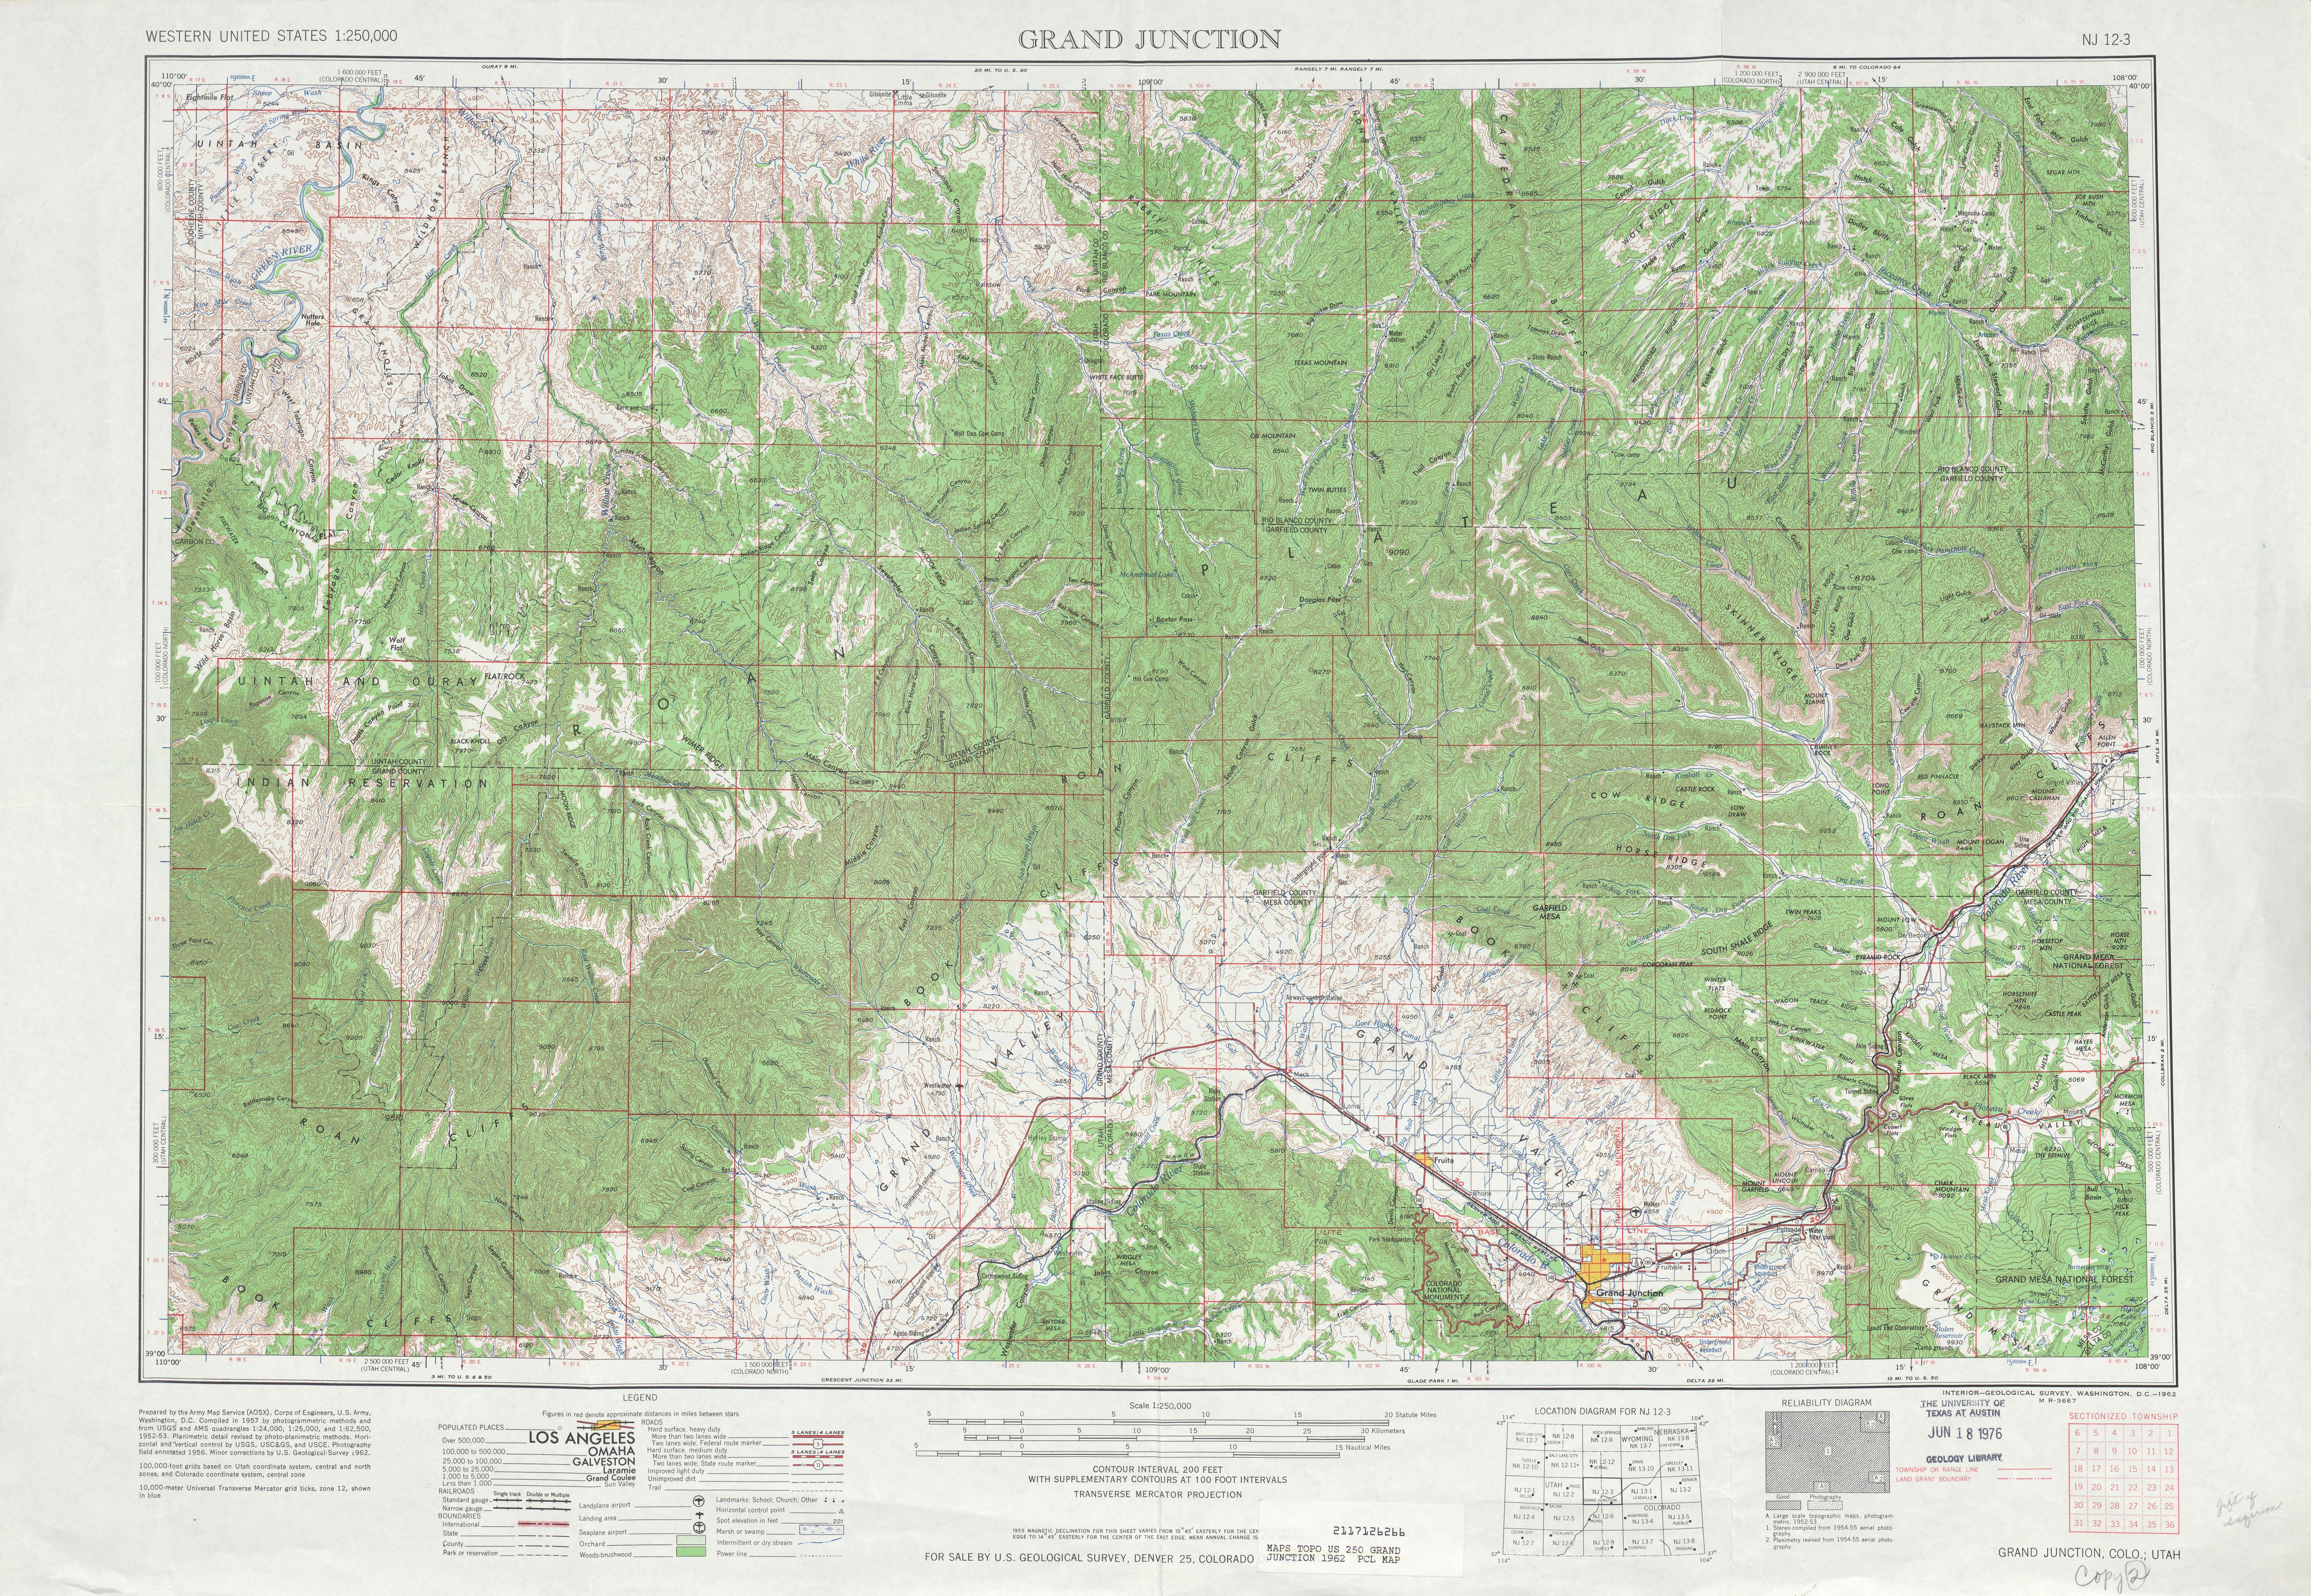 Hoja Grand Junction del Mapa Topográfico de los Estados Unidos 1962